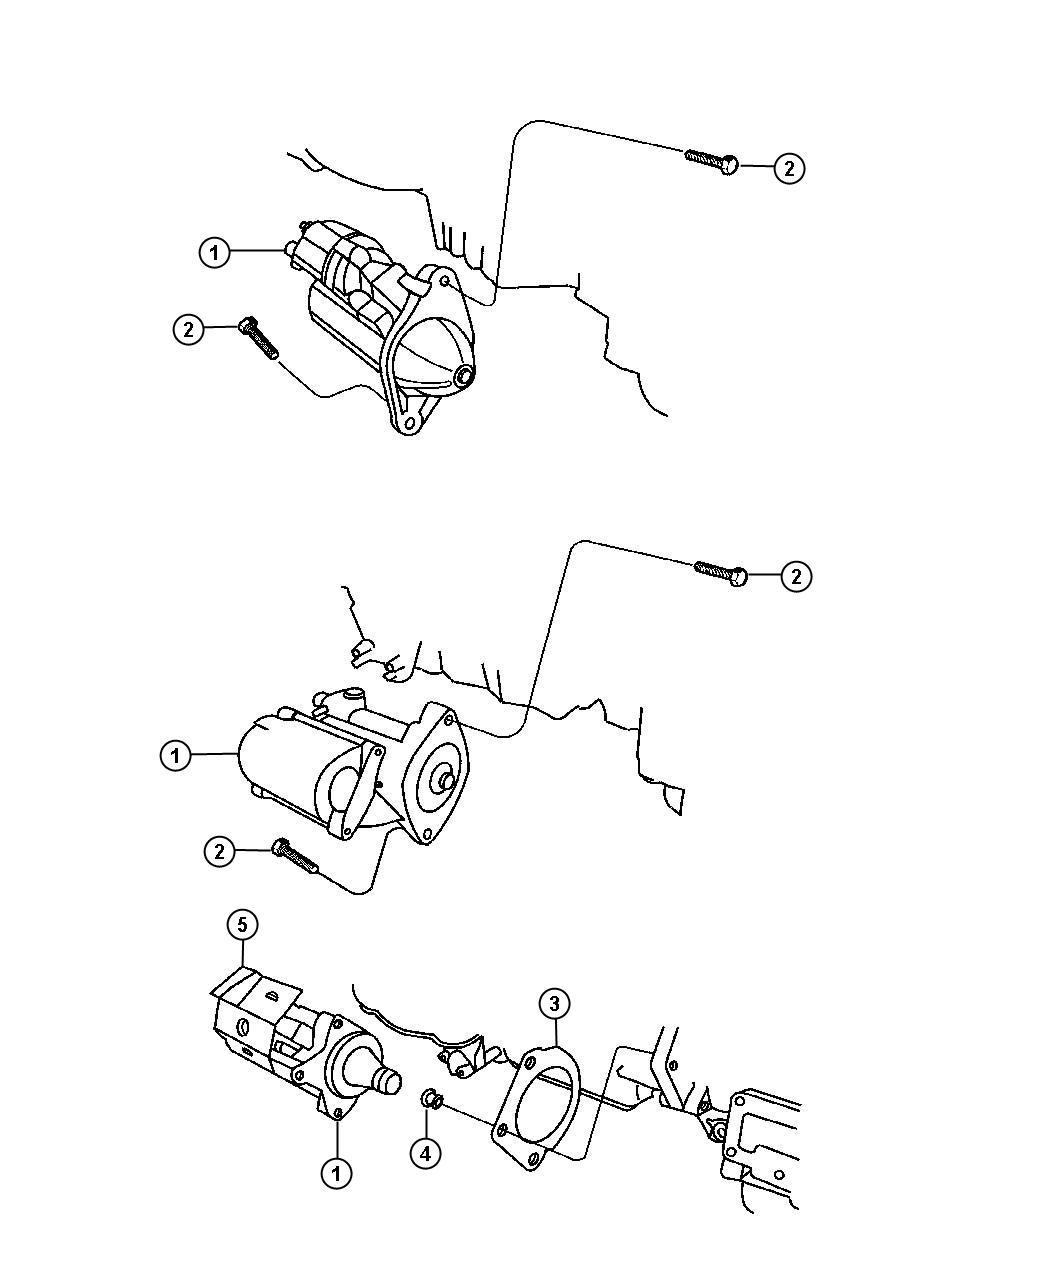 Chrysler Sebring Starter. Engine. Maintenance, ecc